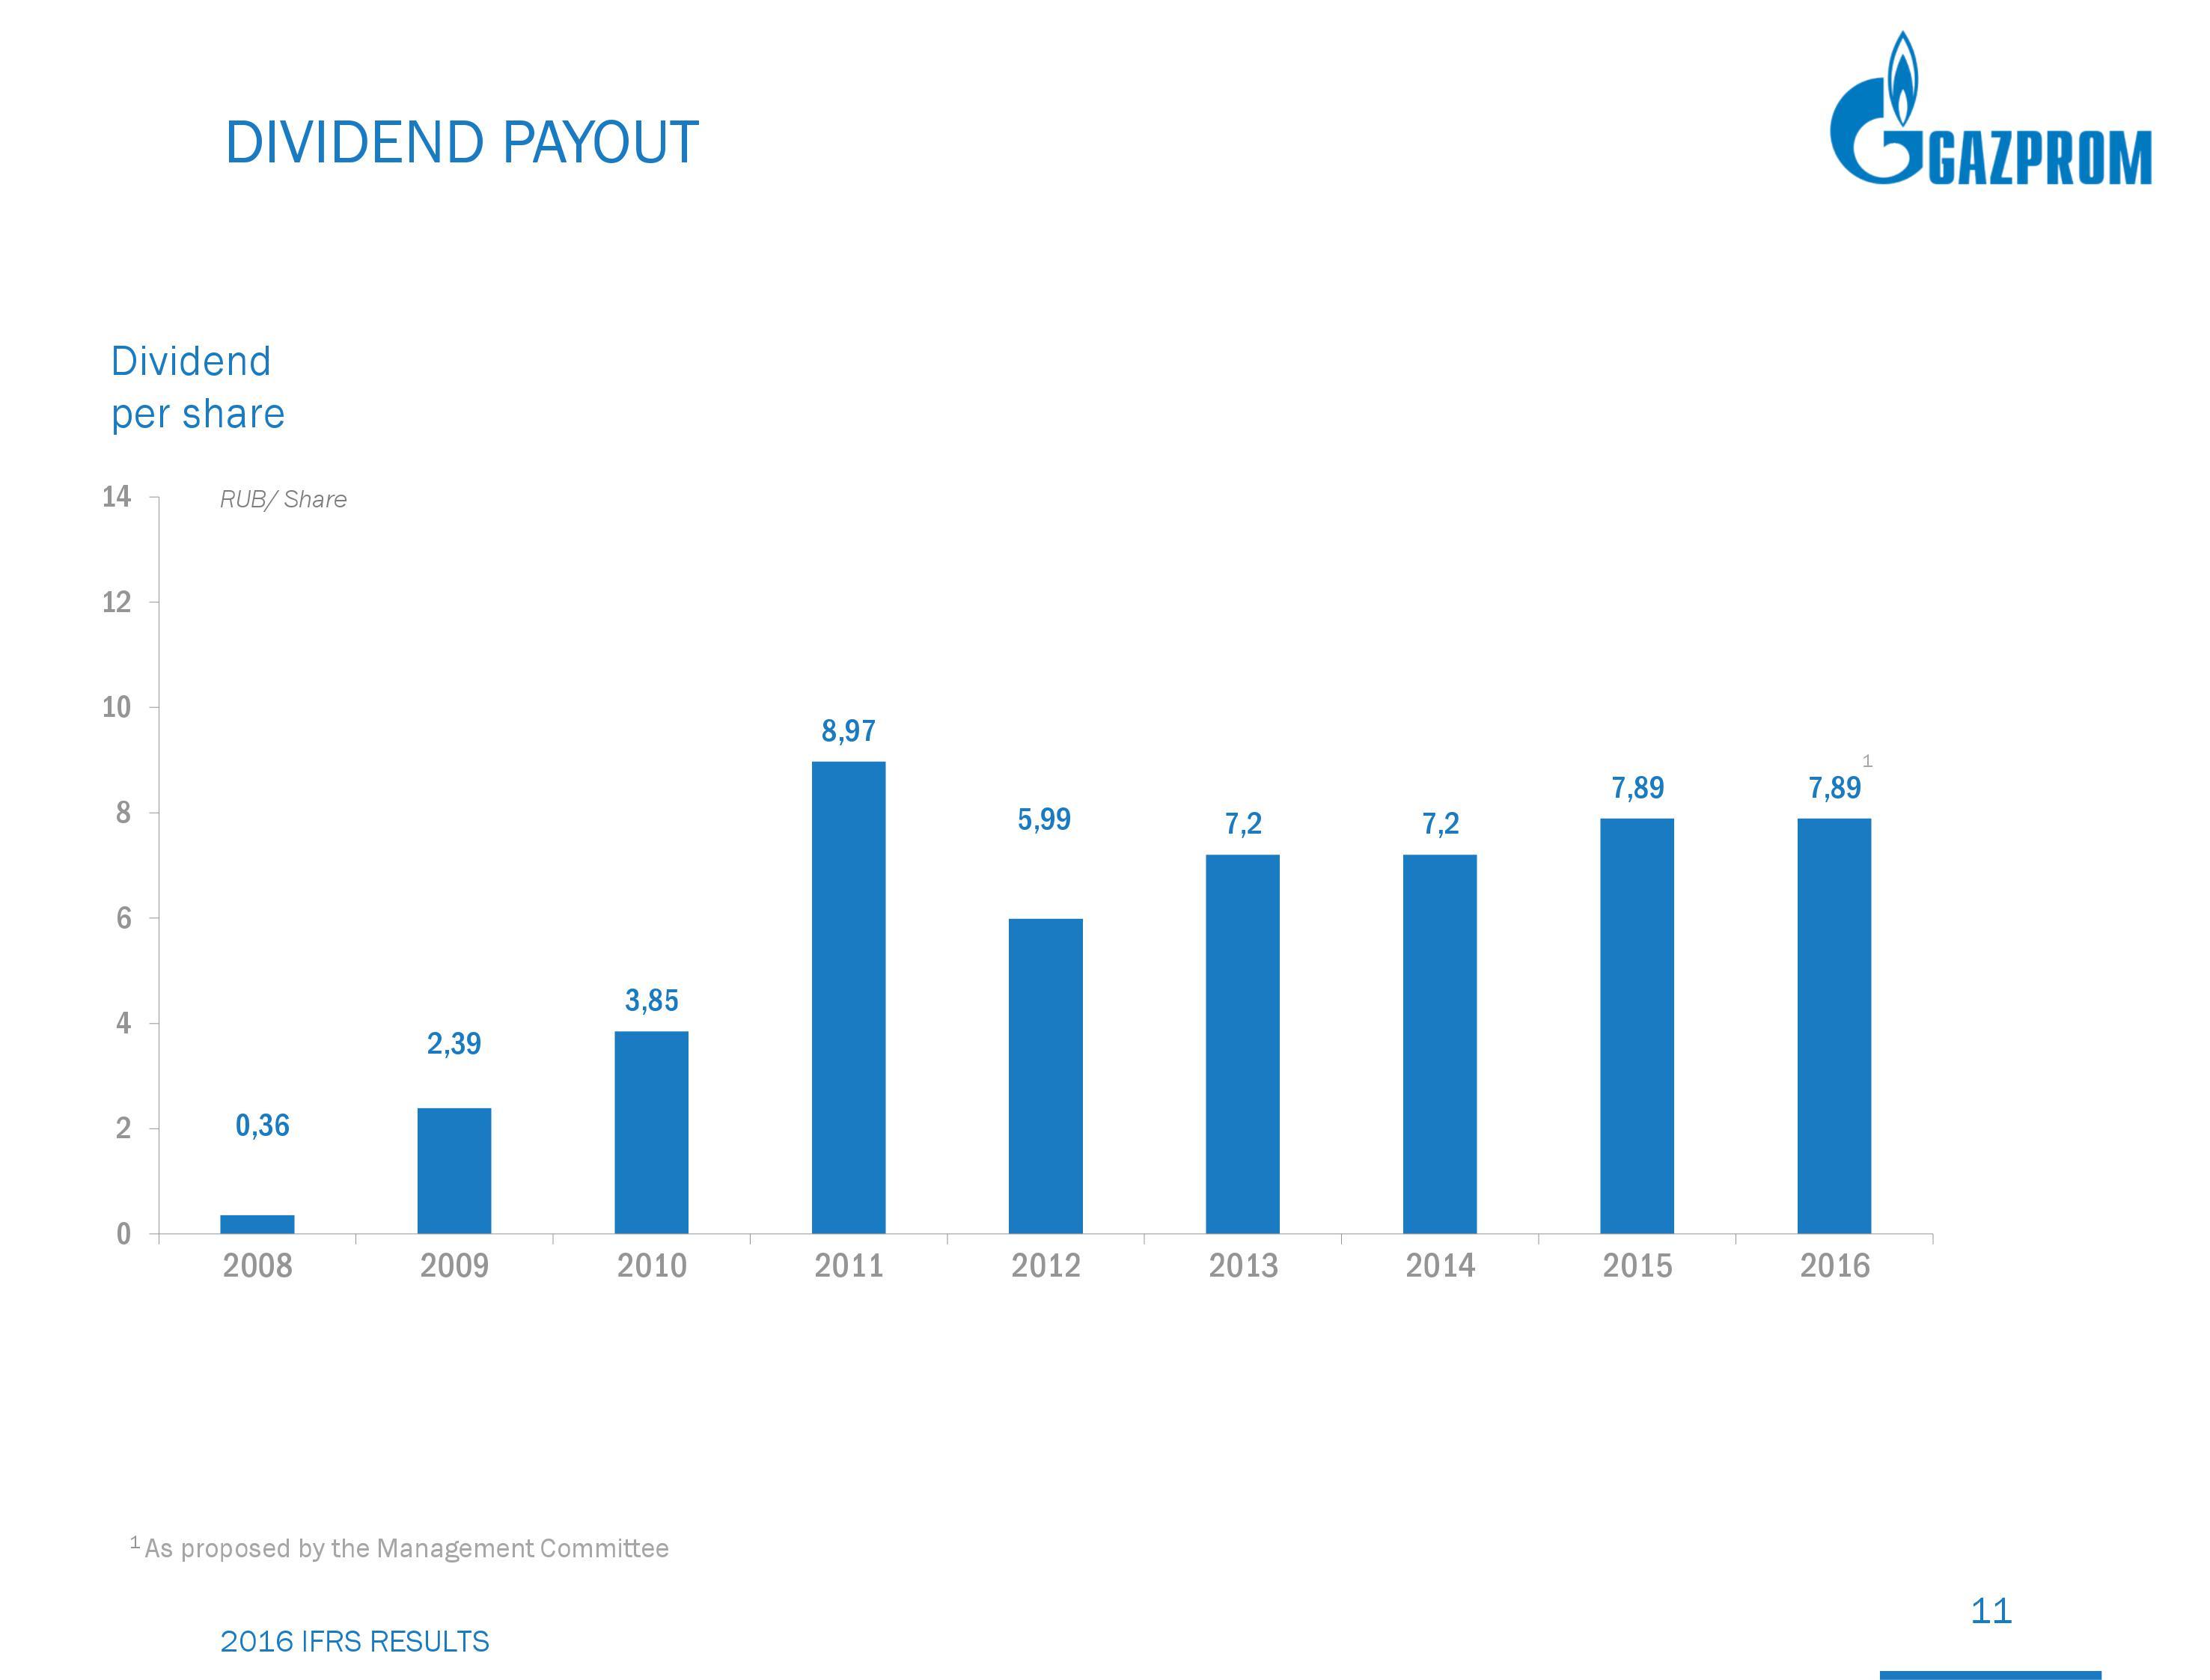 Газпром дивиденды за 2016 год